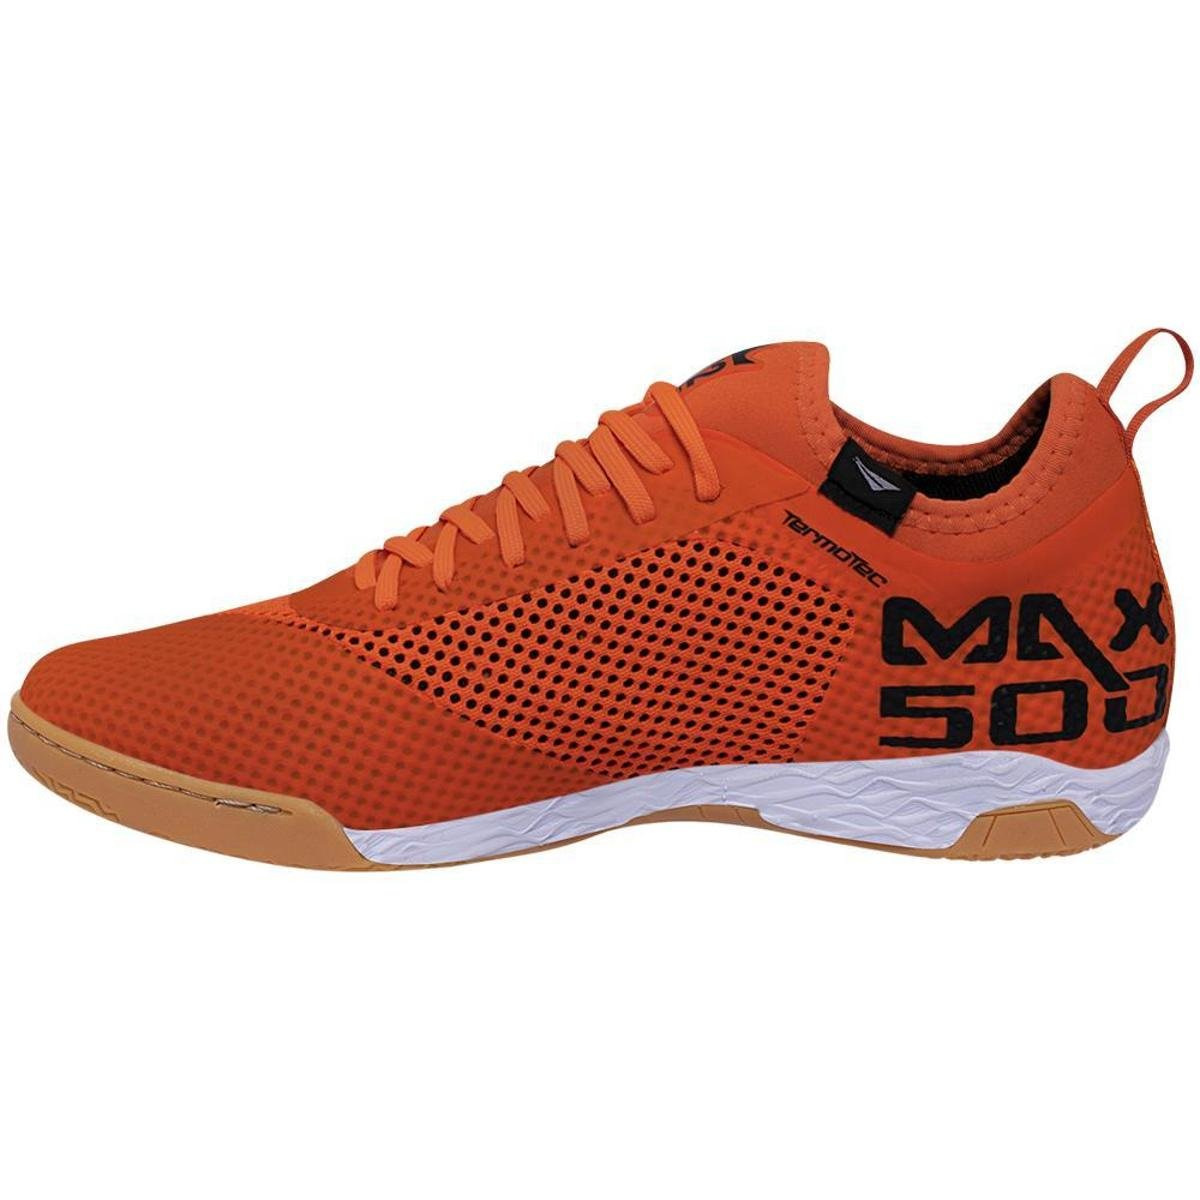 Chuteira Penalty Max 500 F12 Locker Futsal